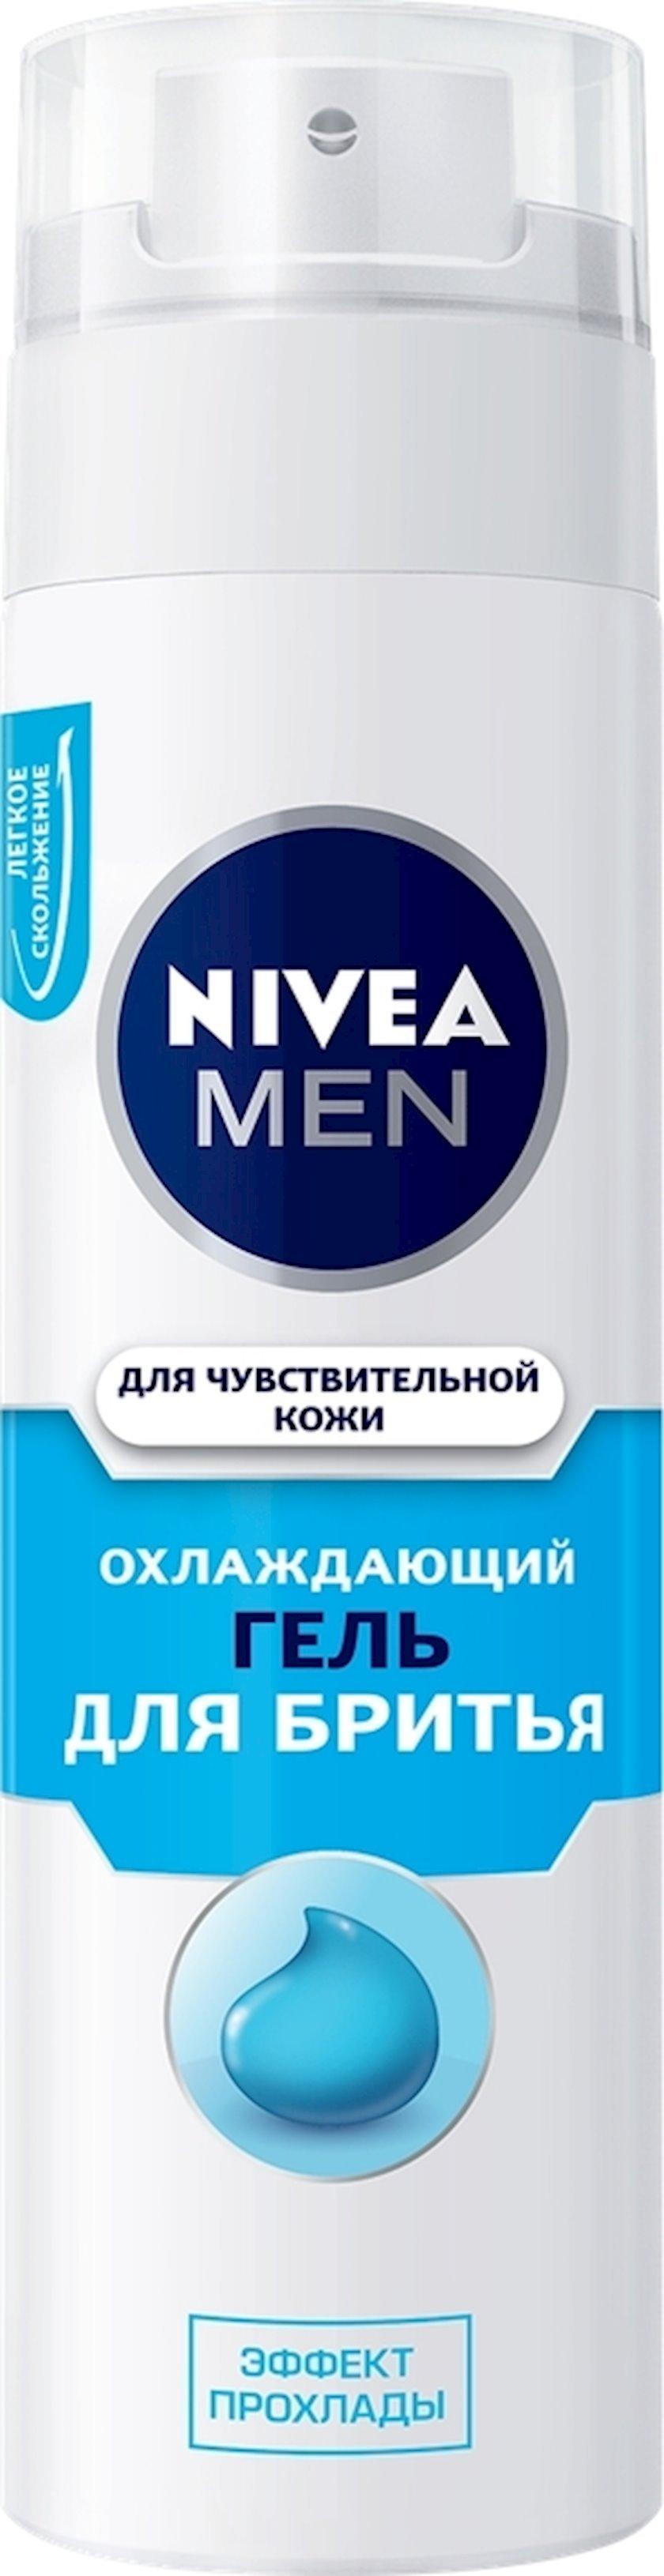 Təraş geli Nivea Men sərinləşdirici həssas dəri üçün spirtsiz 200 ml